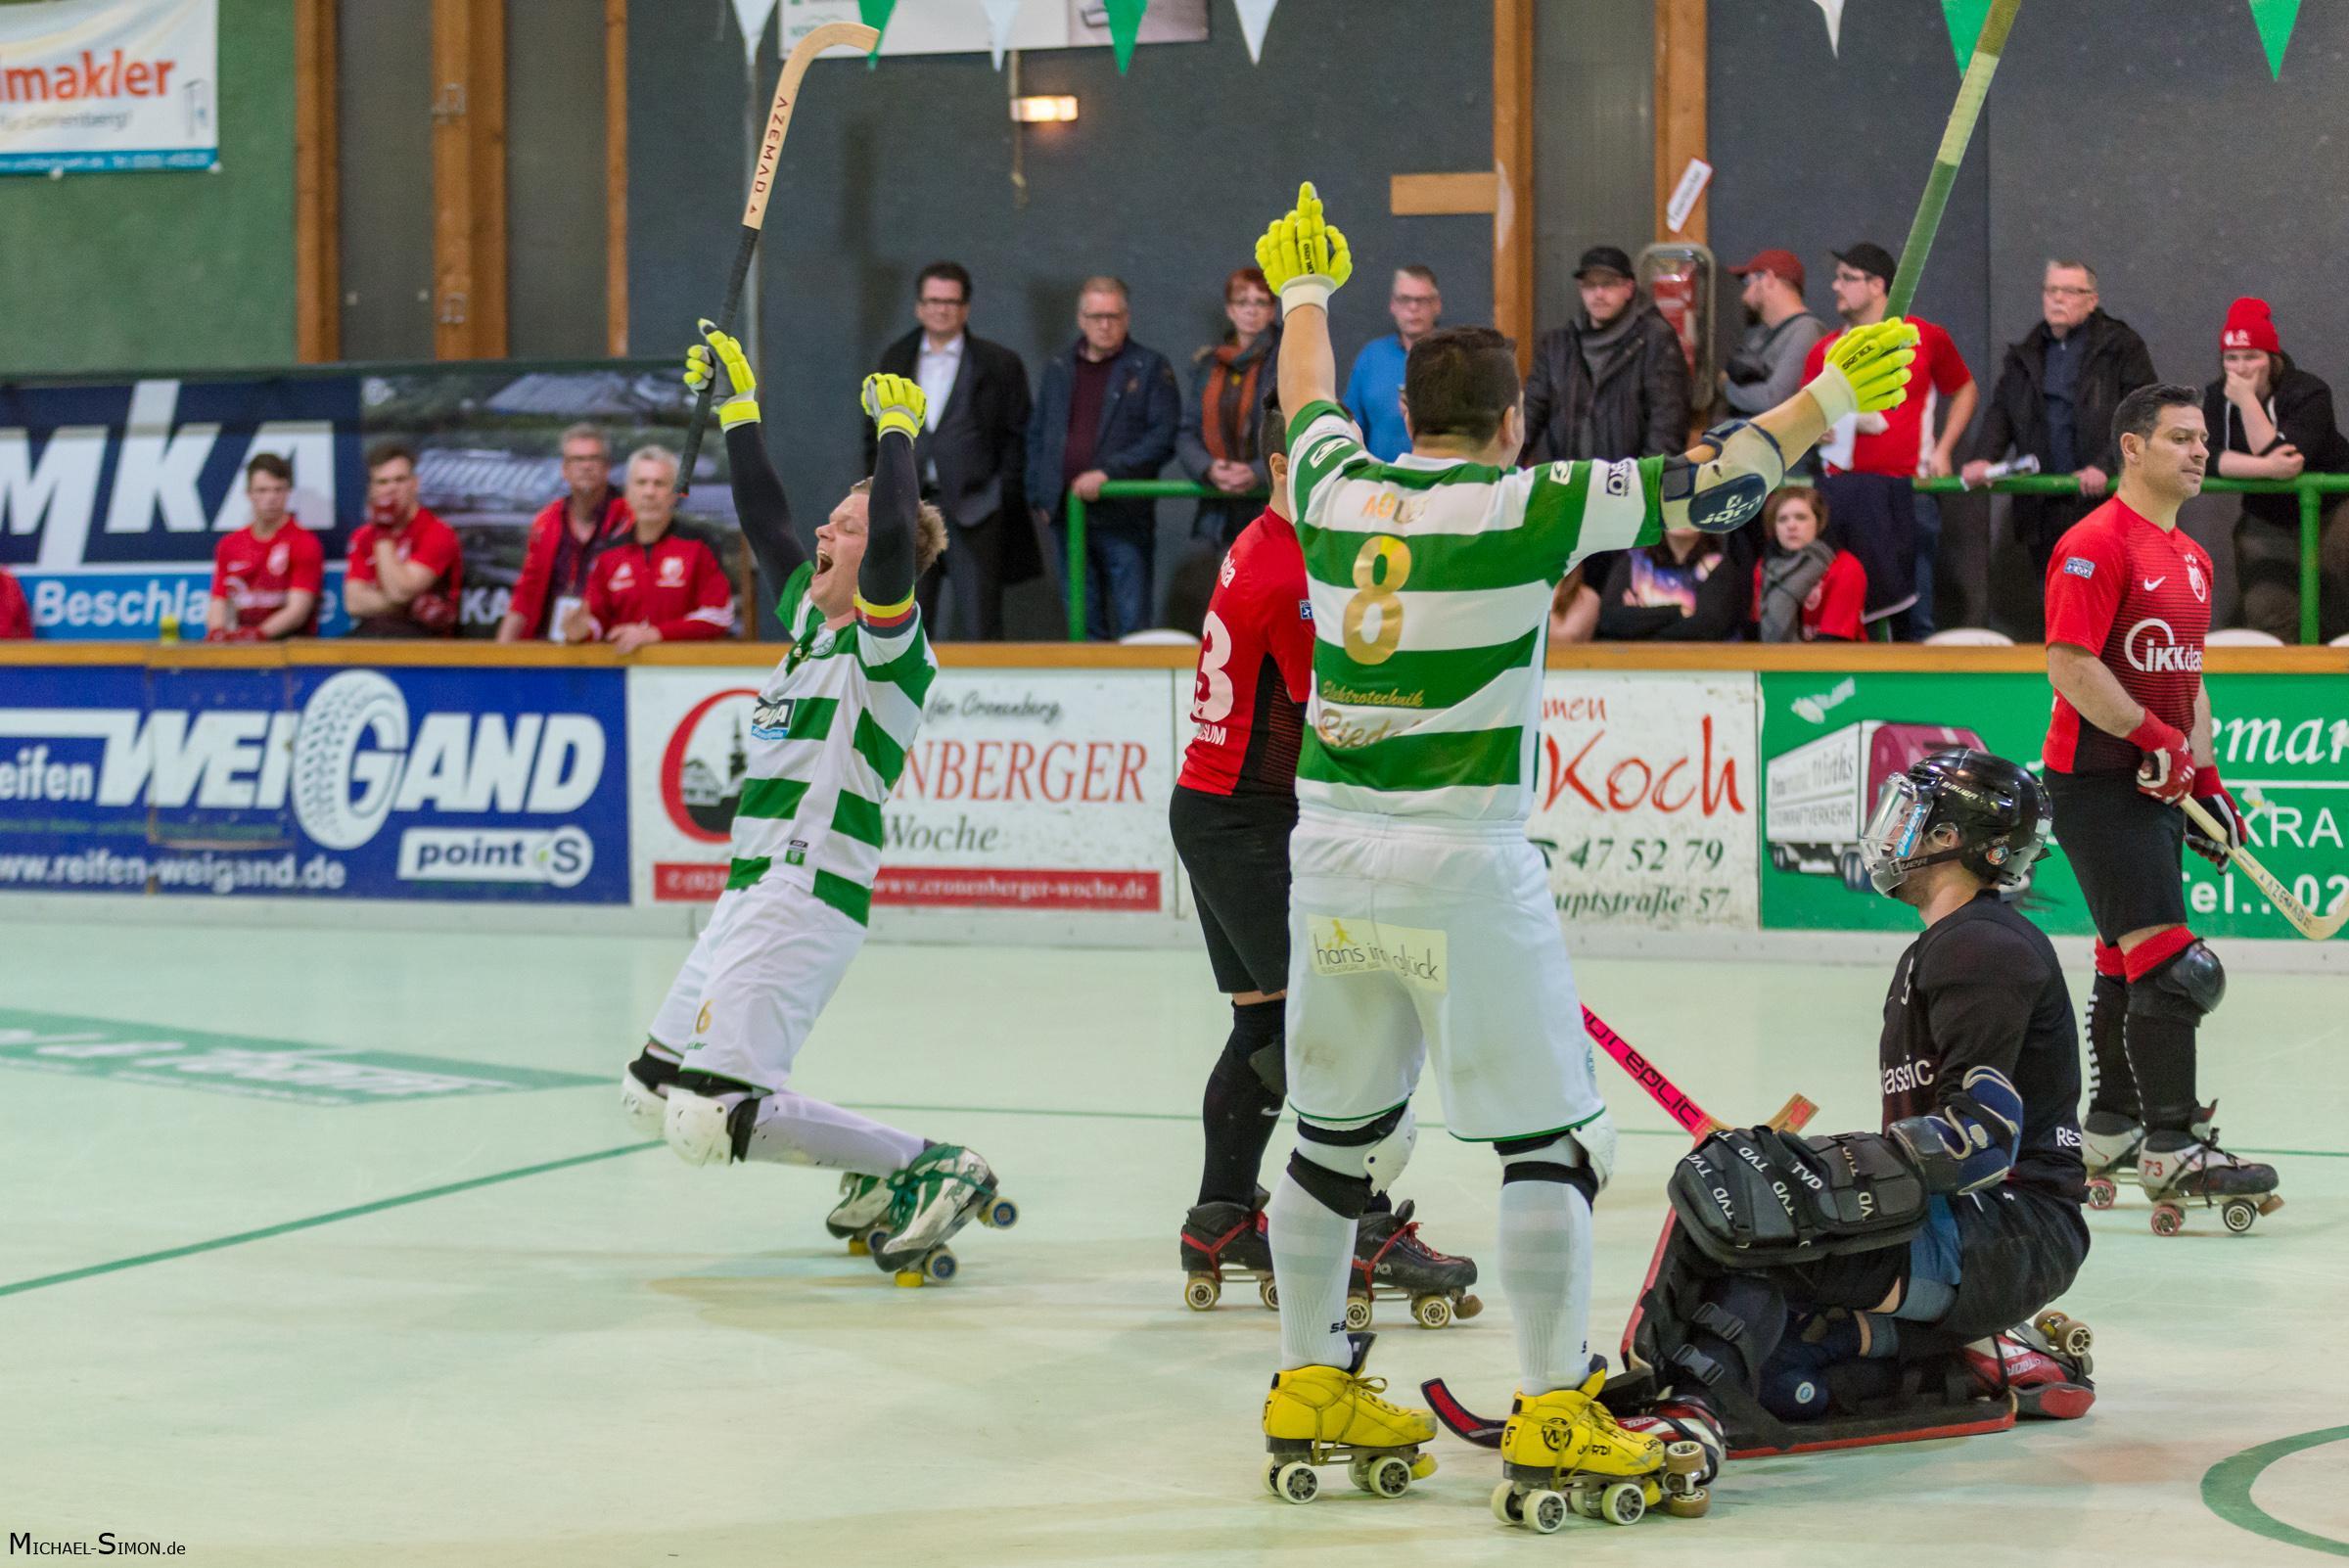 RSC Cronenberg Spieltag Bundesliga Herren 06.03.2018